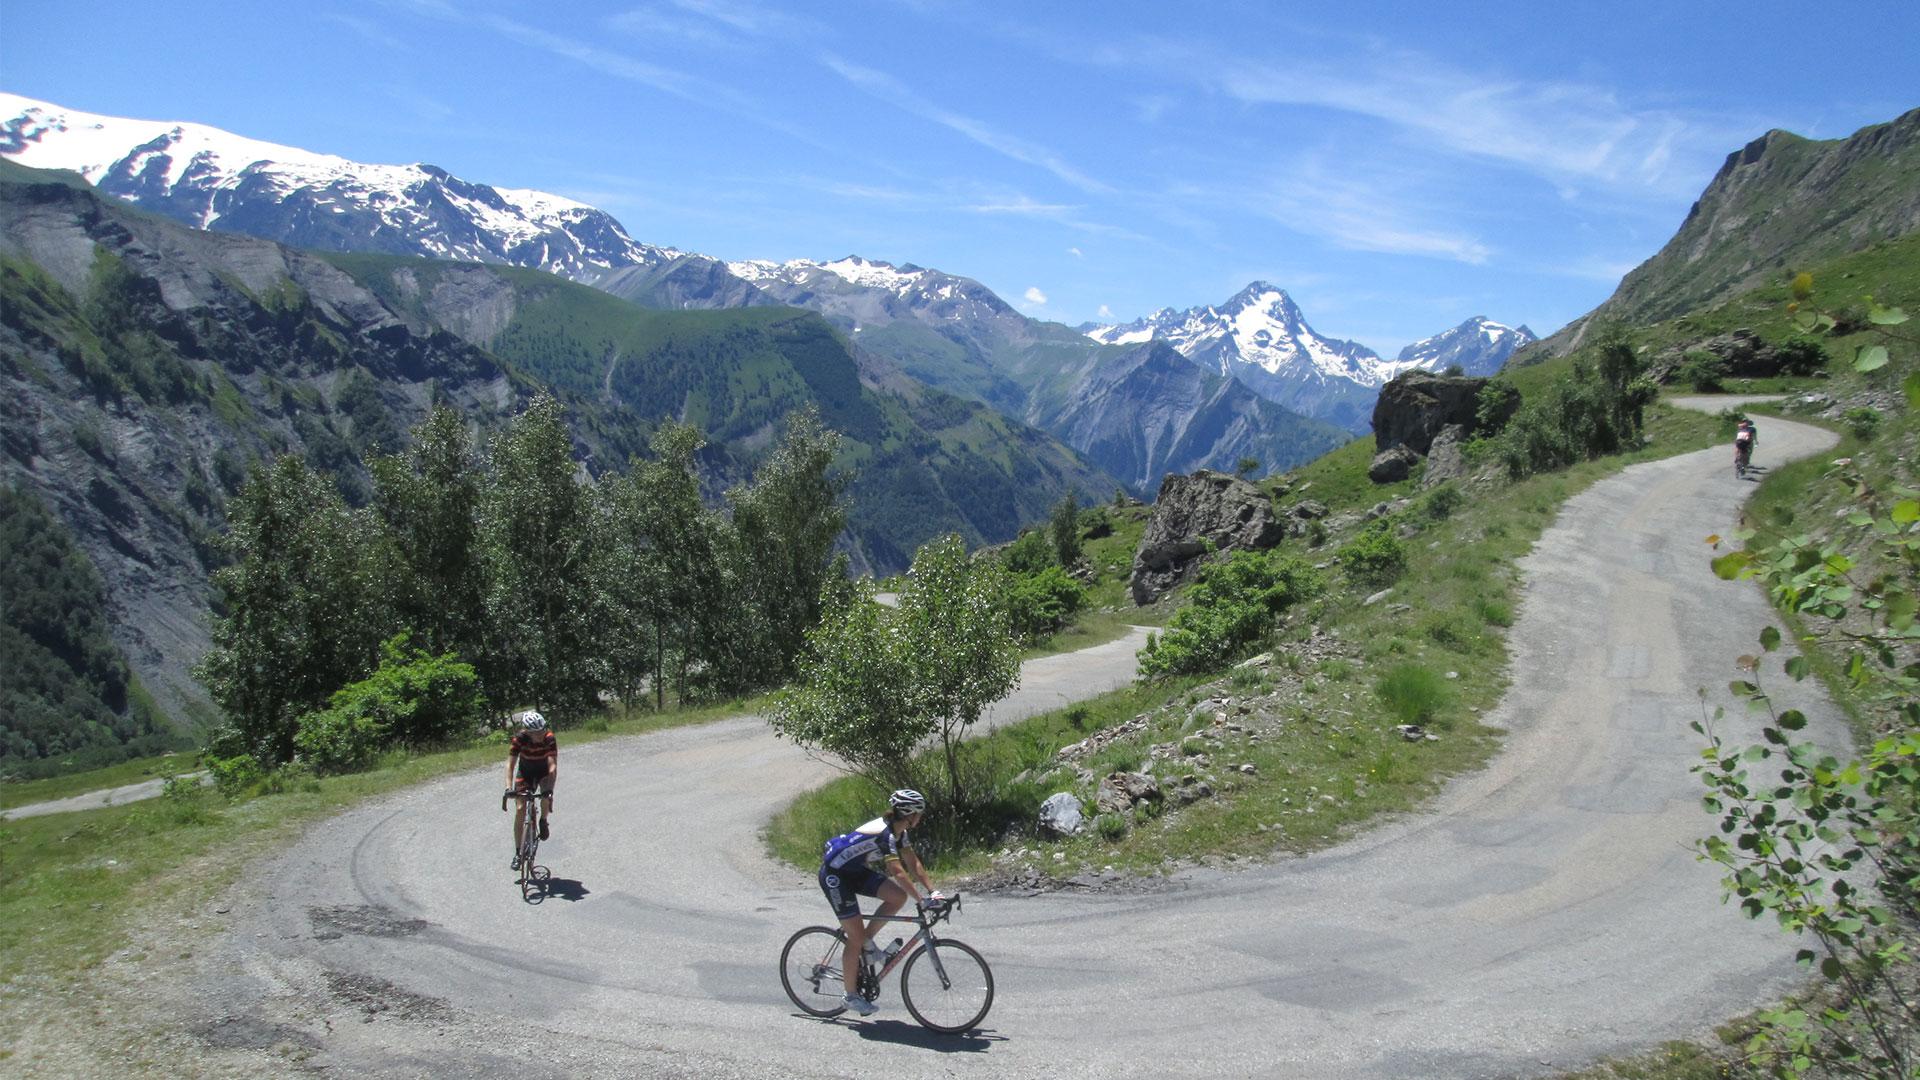 Klimmen: 5 tips om beter de berg op te komen